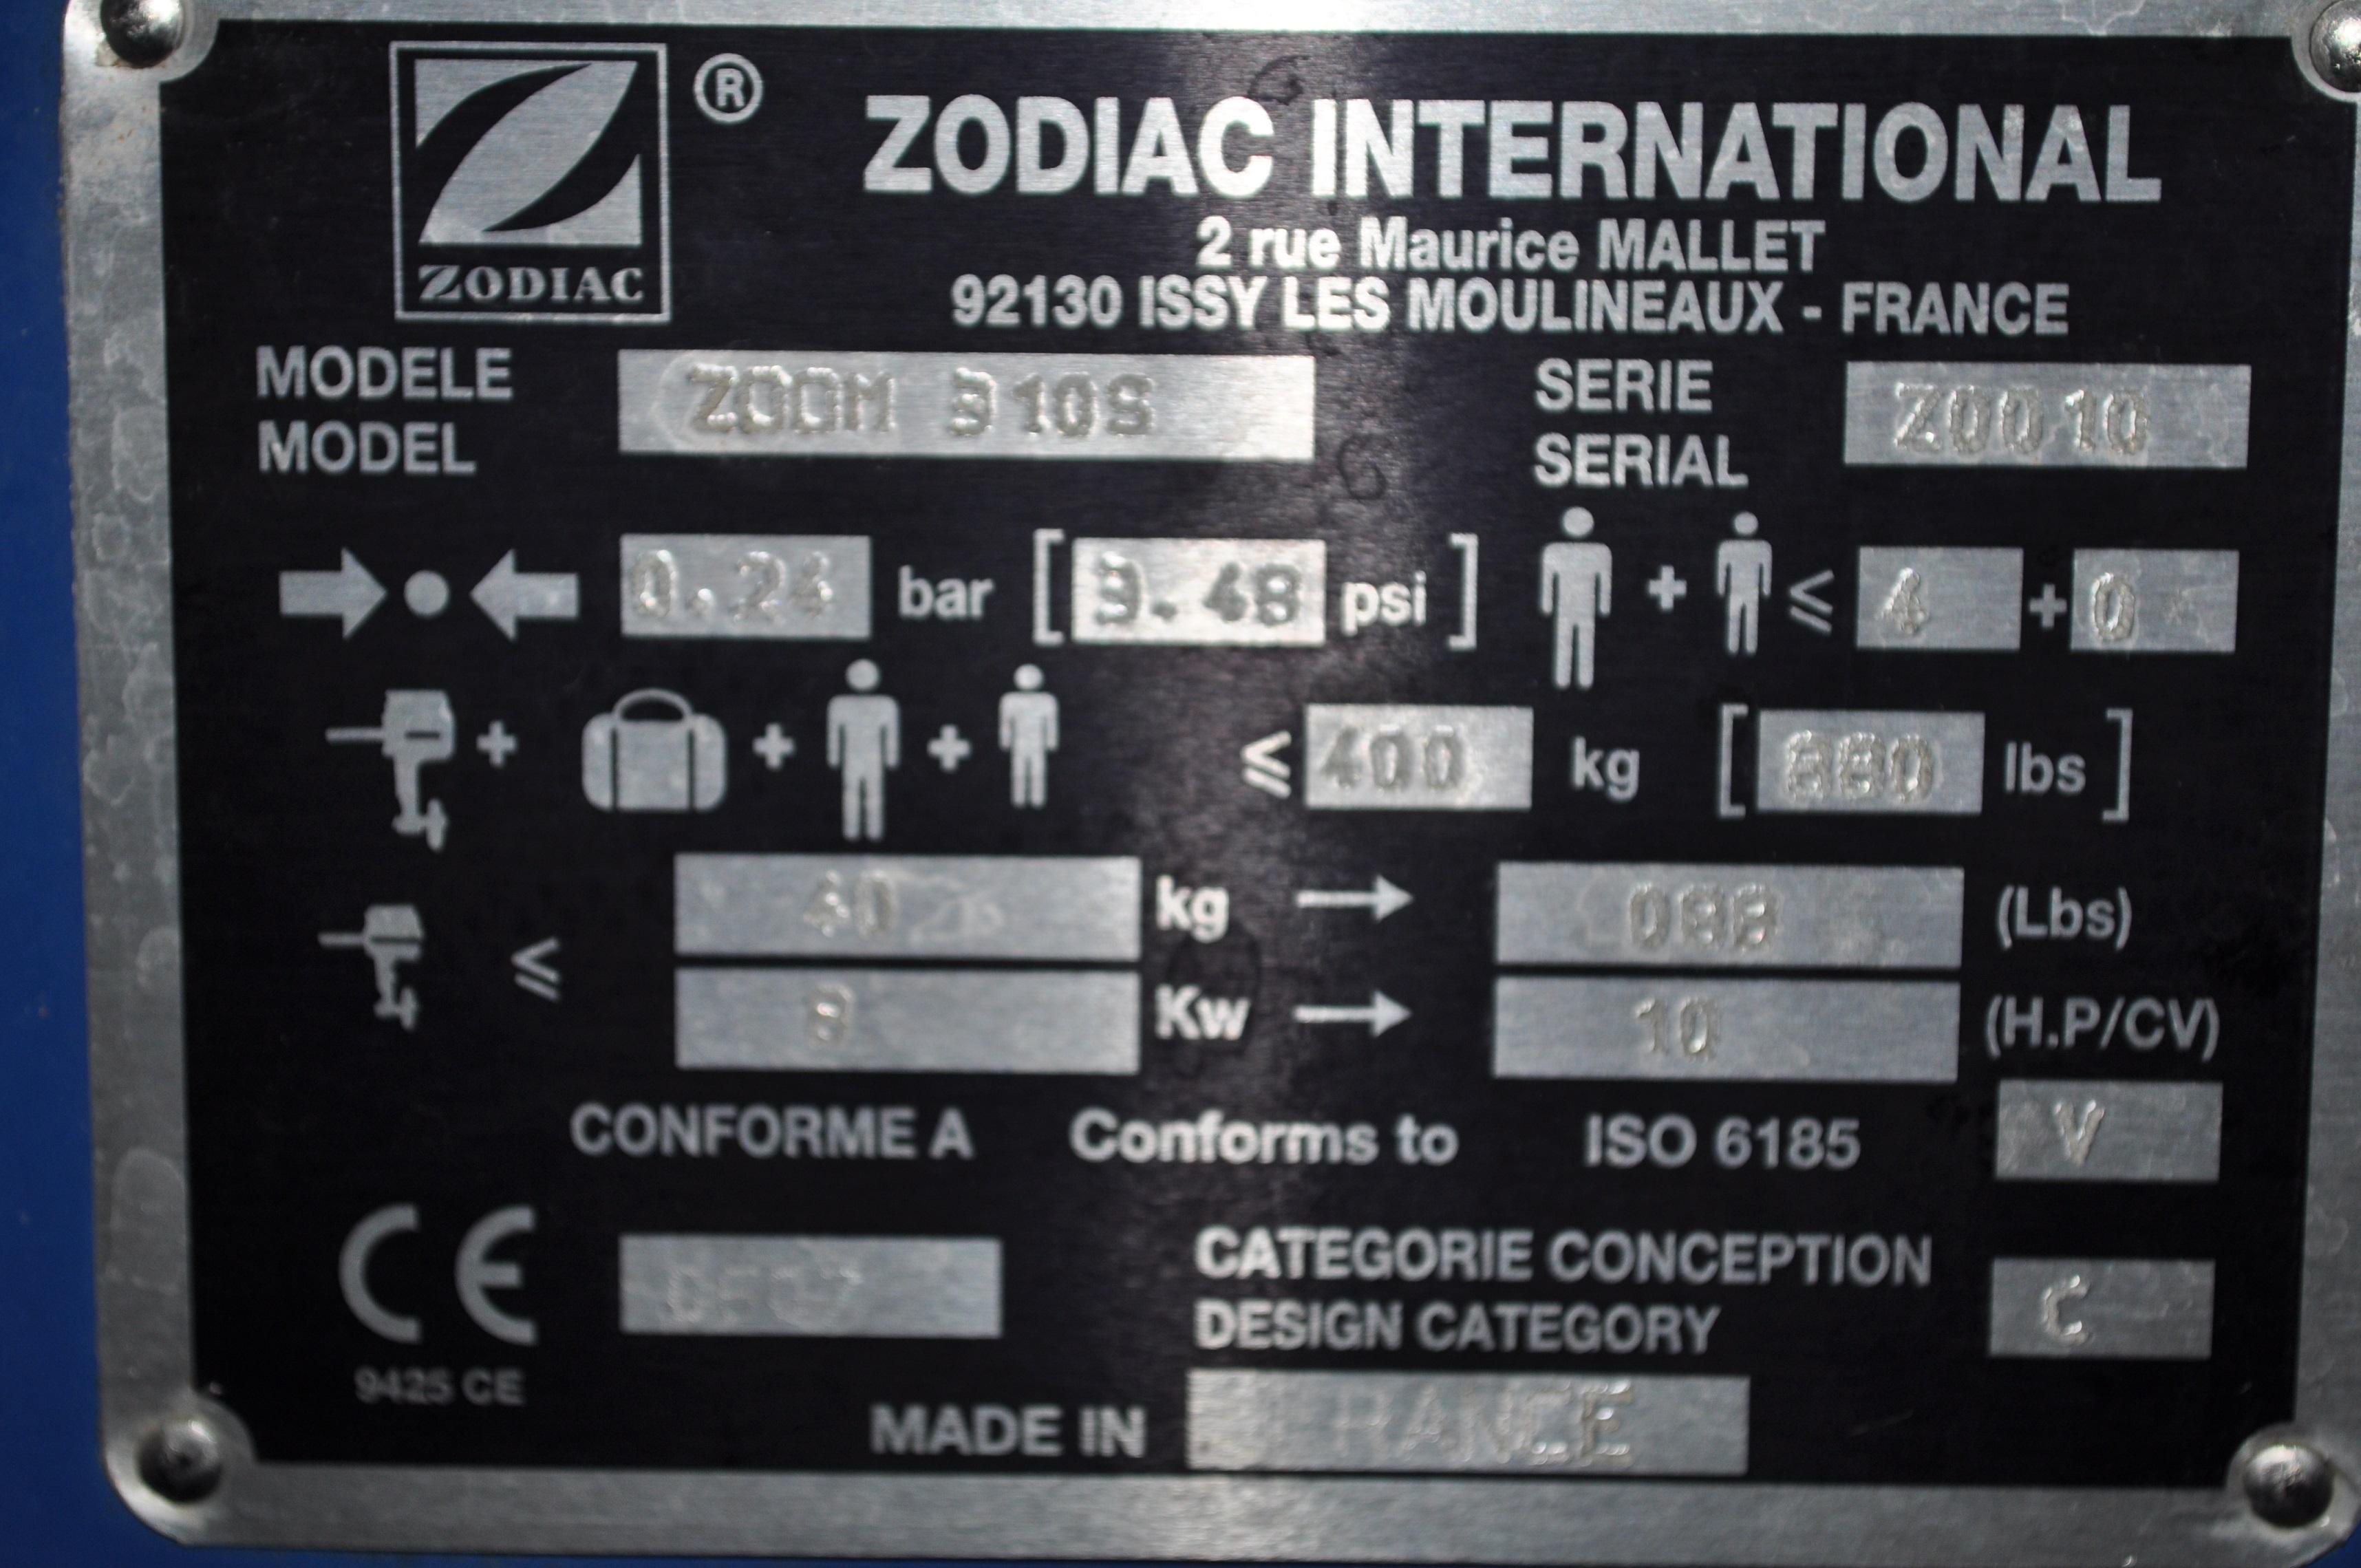 ZODIAC ZOOM 310S plancher rigide en bois année 2003